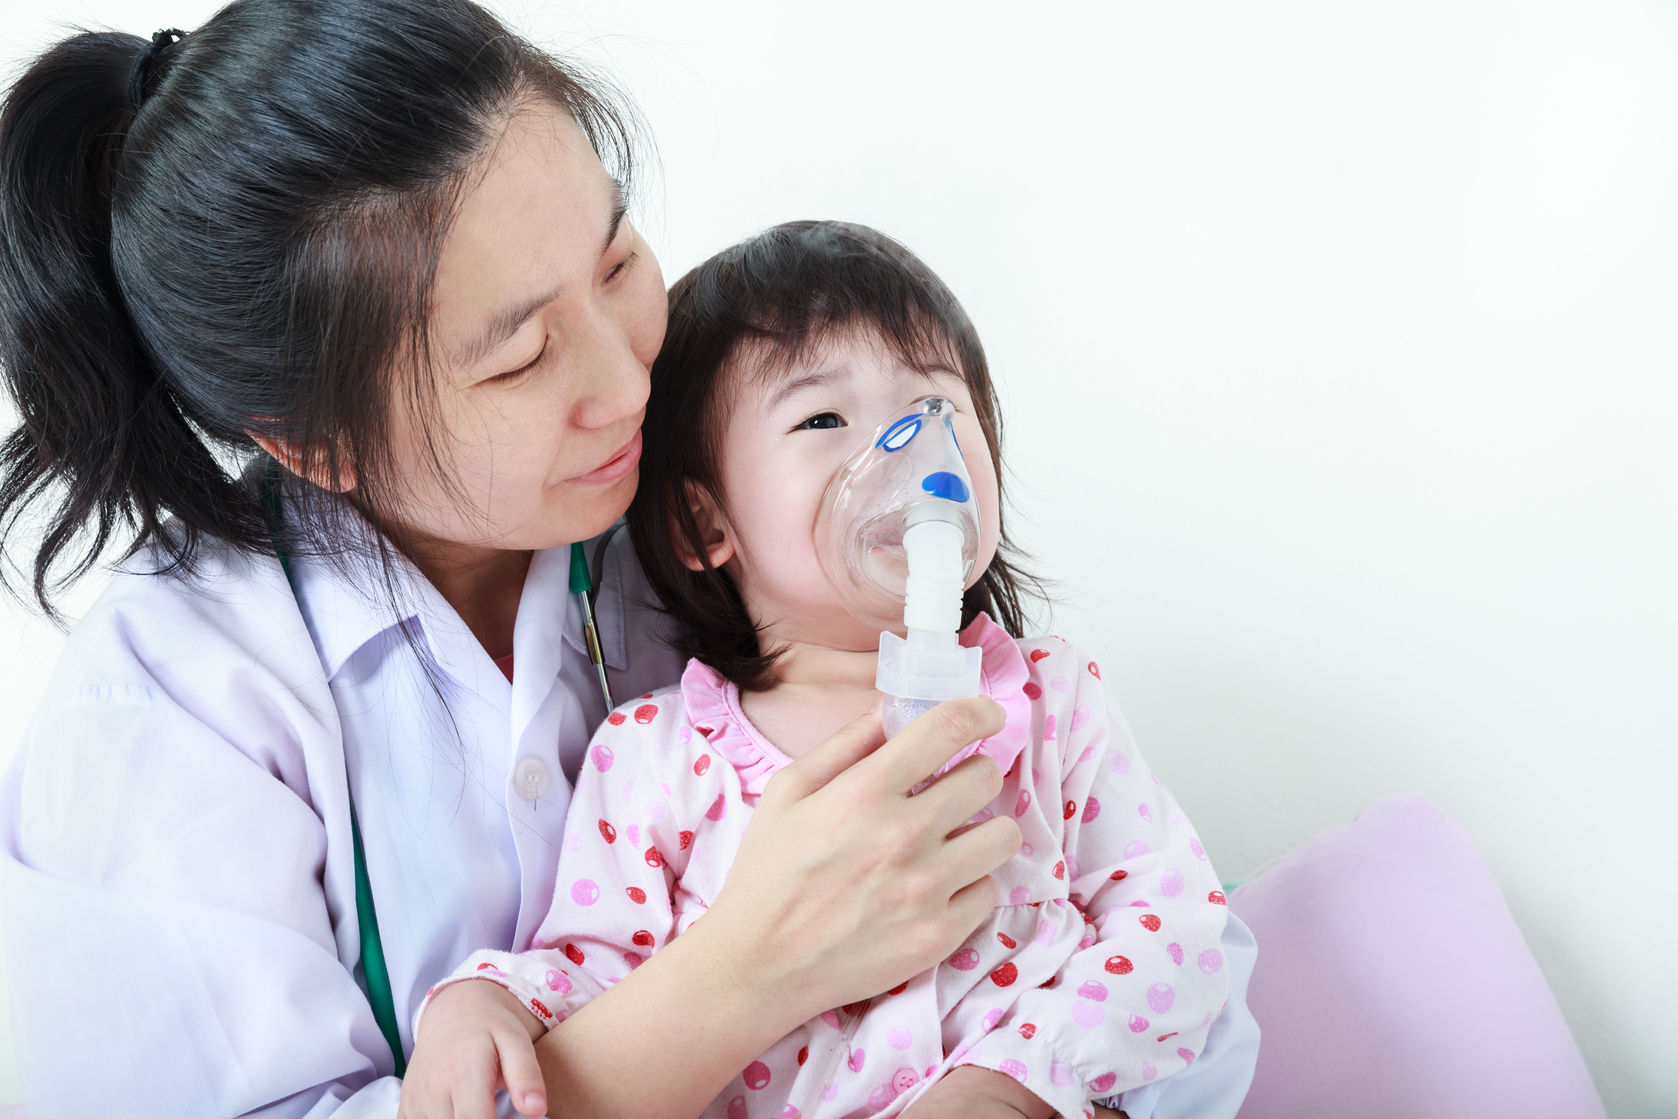 Waspada! Mulai Kenali Gejala Asma pada Bayi